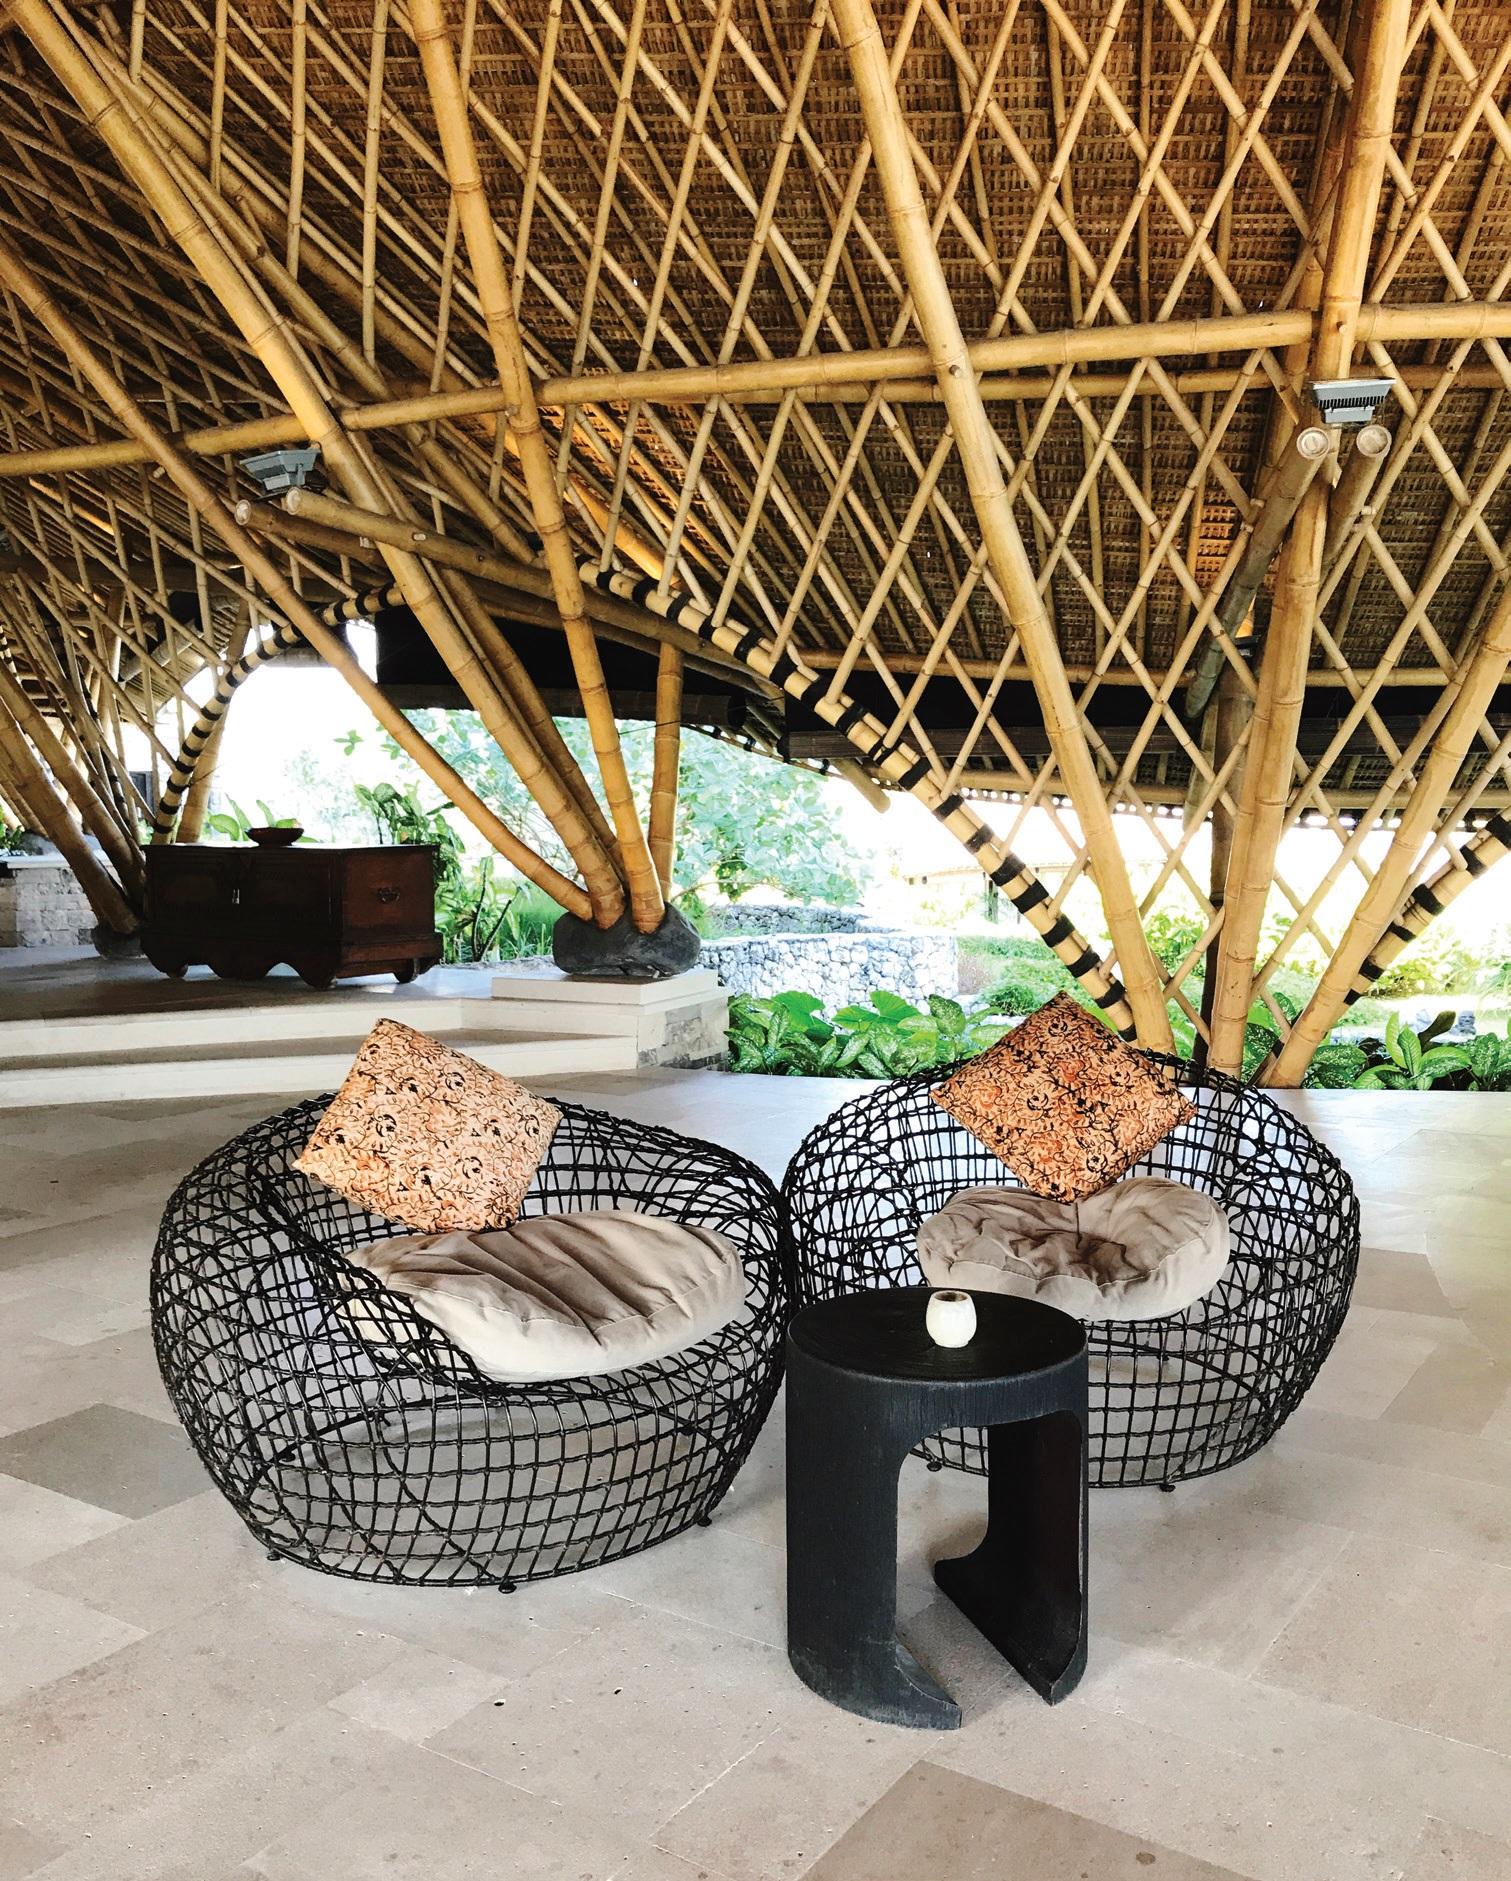 Tobula baldų ir bambukinės architektūros harmonija